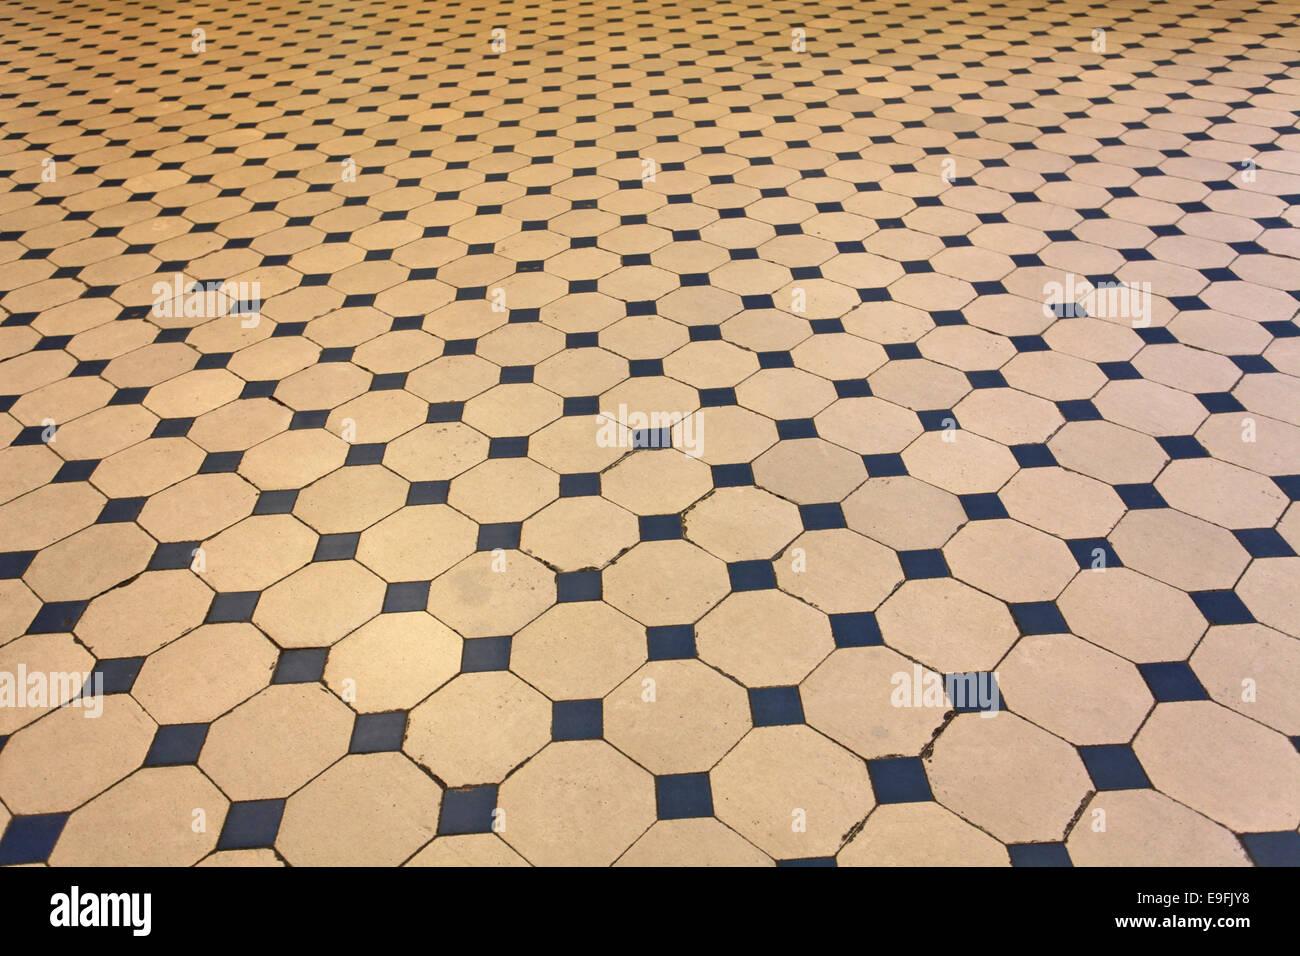 Art Deco Floor Tiles Stock Photos & Art Deco Floor Tiles Stock ...